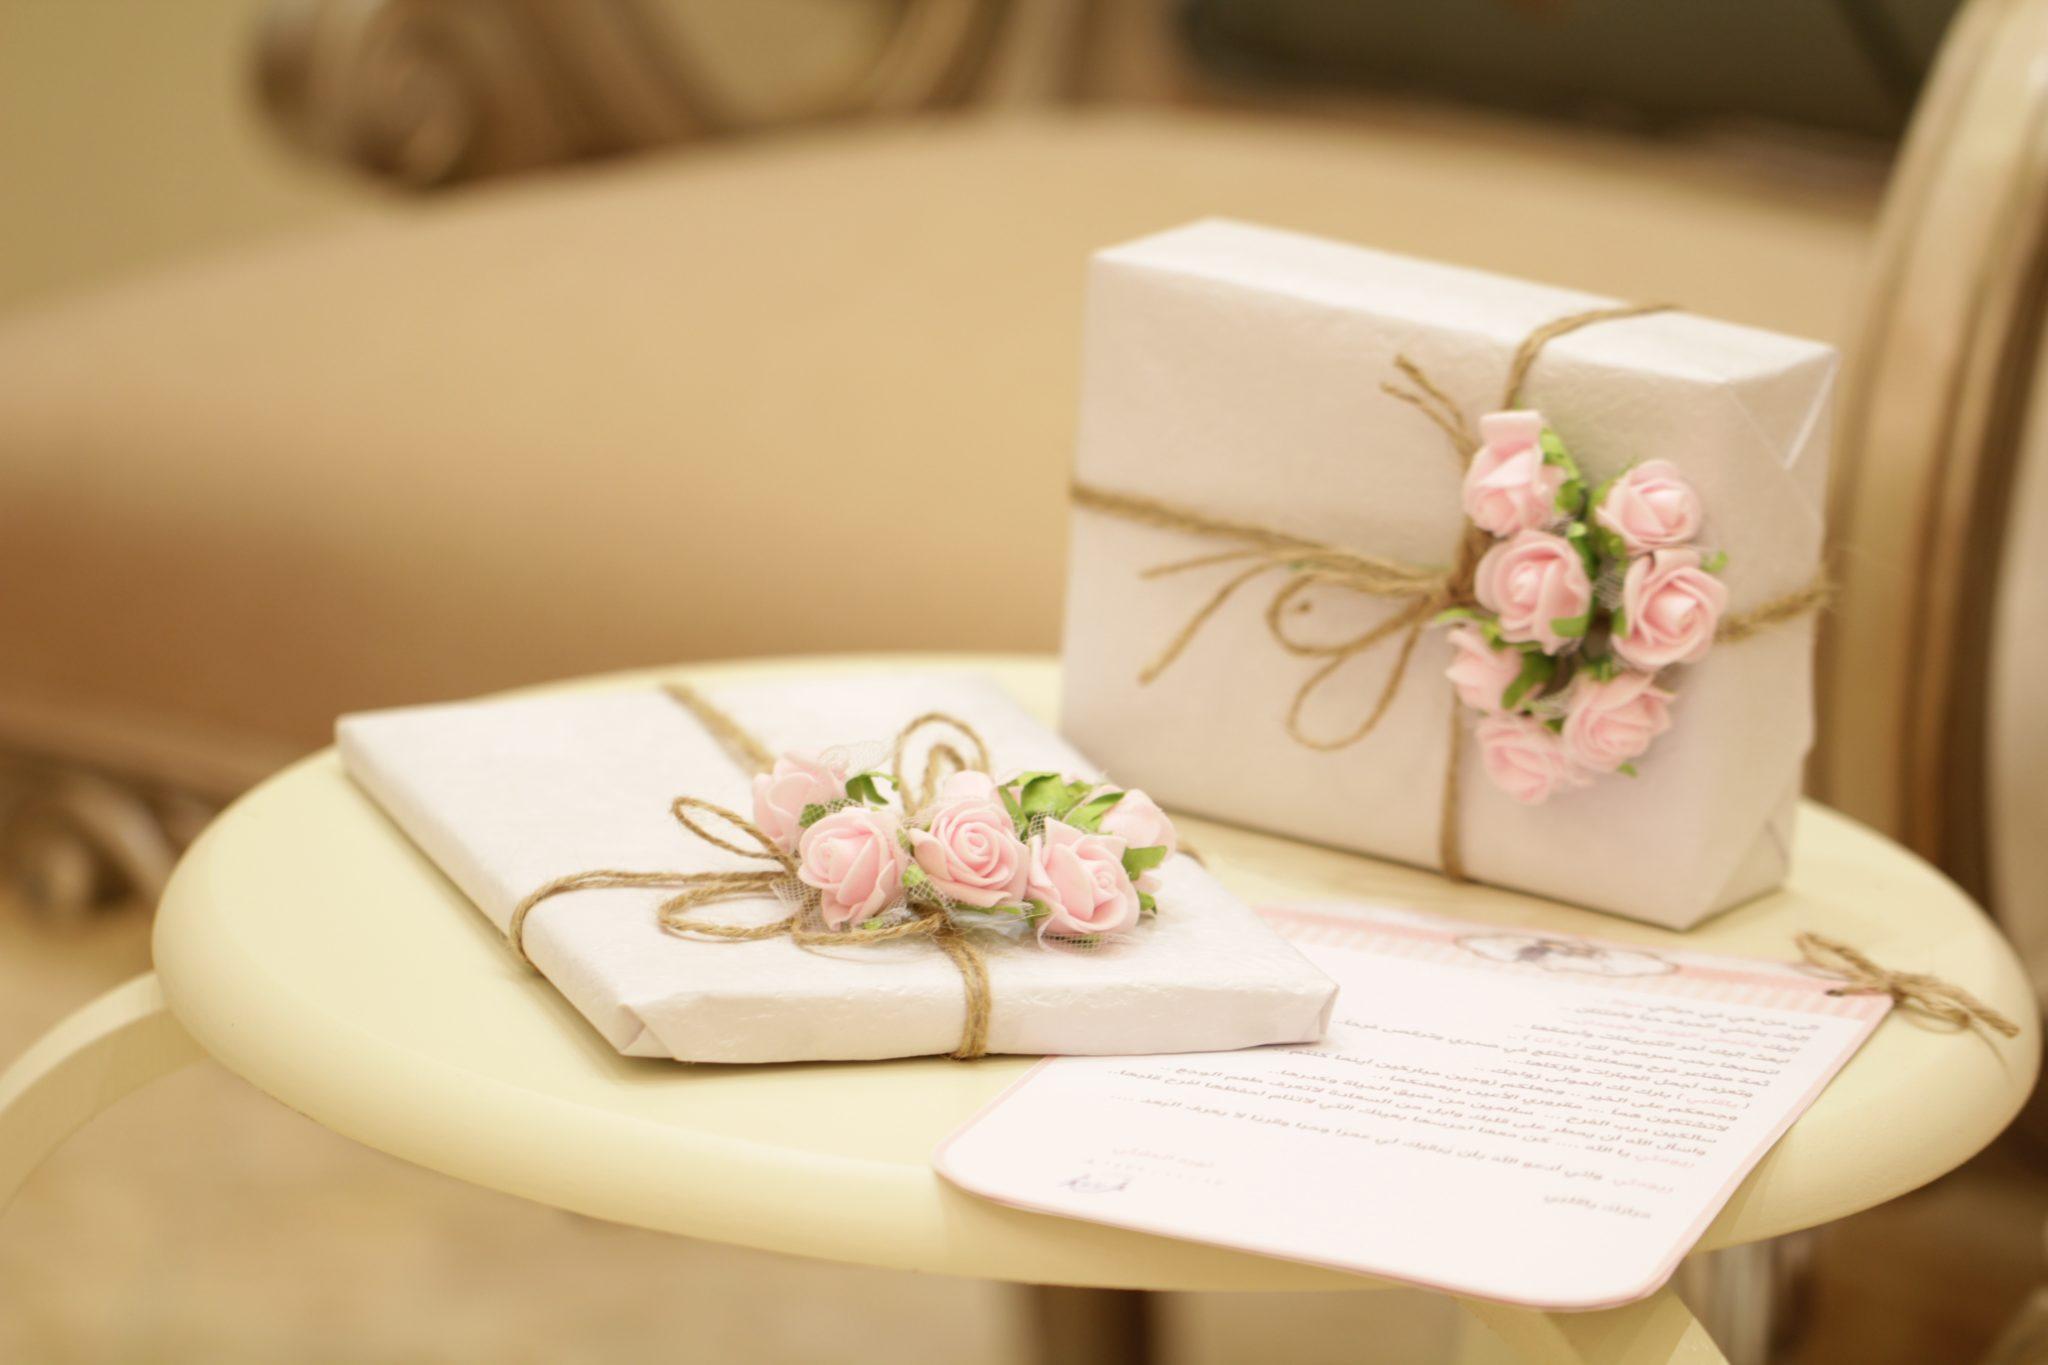 Hochzeitsgeschenke verpackt